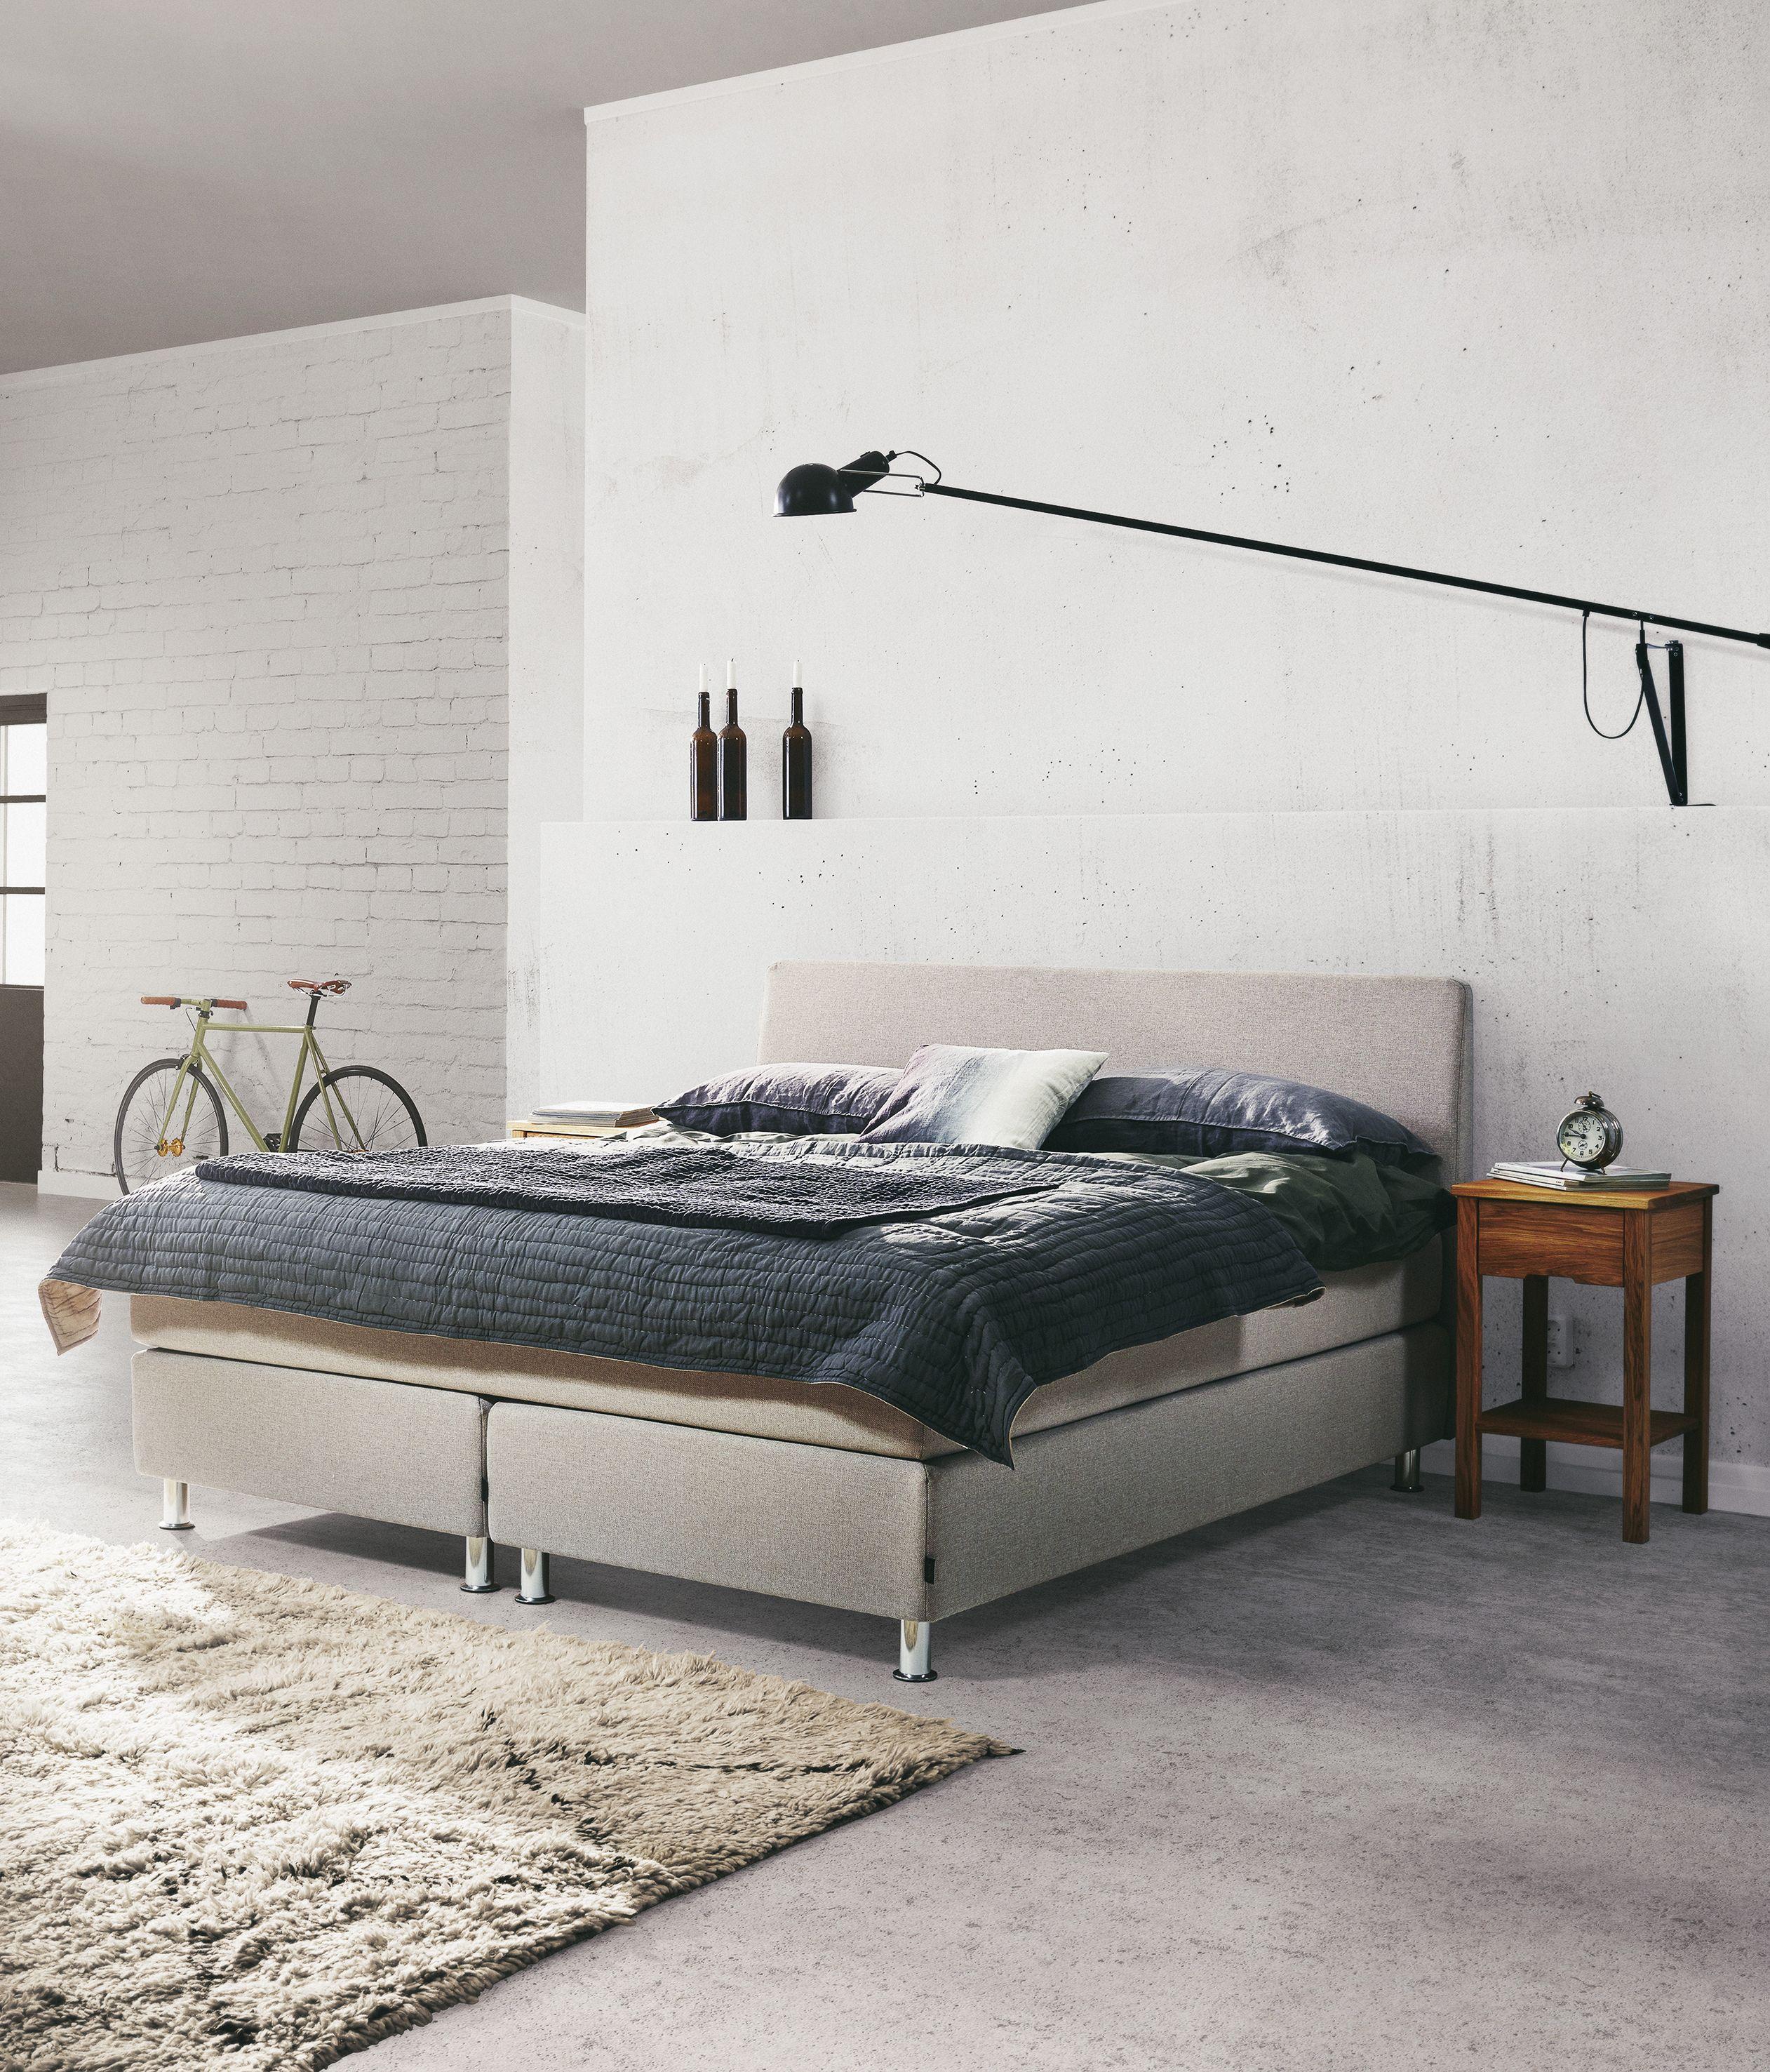 jensen signature j2 continental bed in beige textiles m bler riggen pinterest m bler och. Black Bedroom Furniture Sets. Home Design Ideas